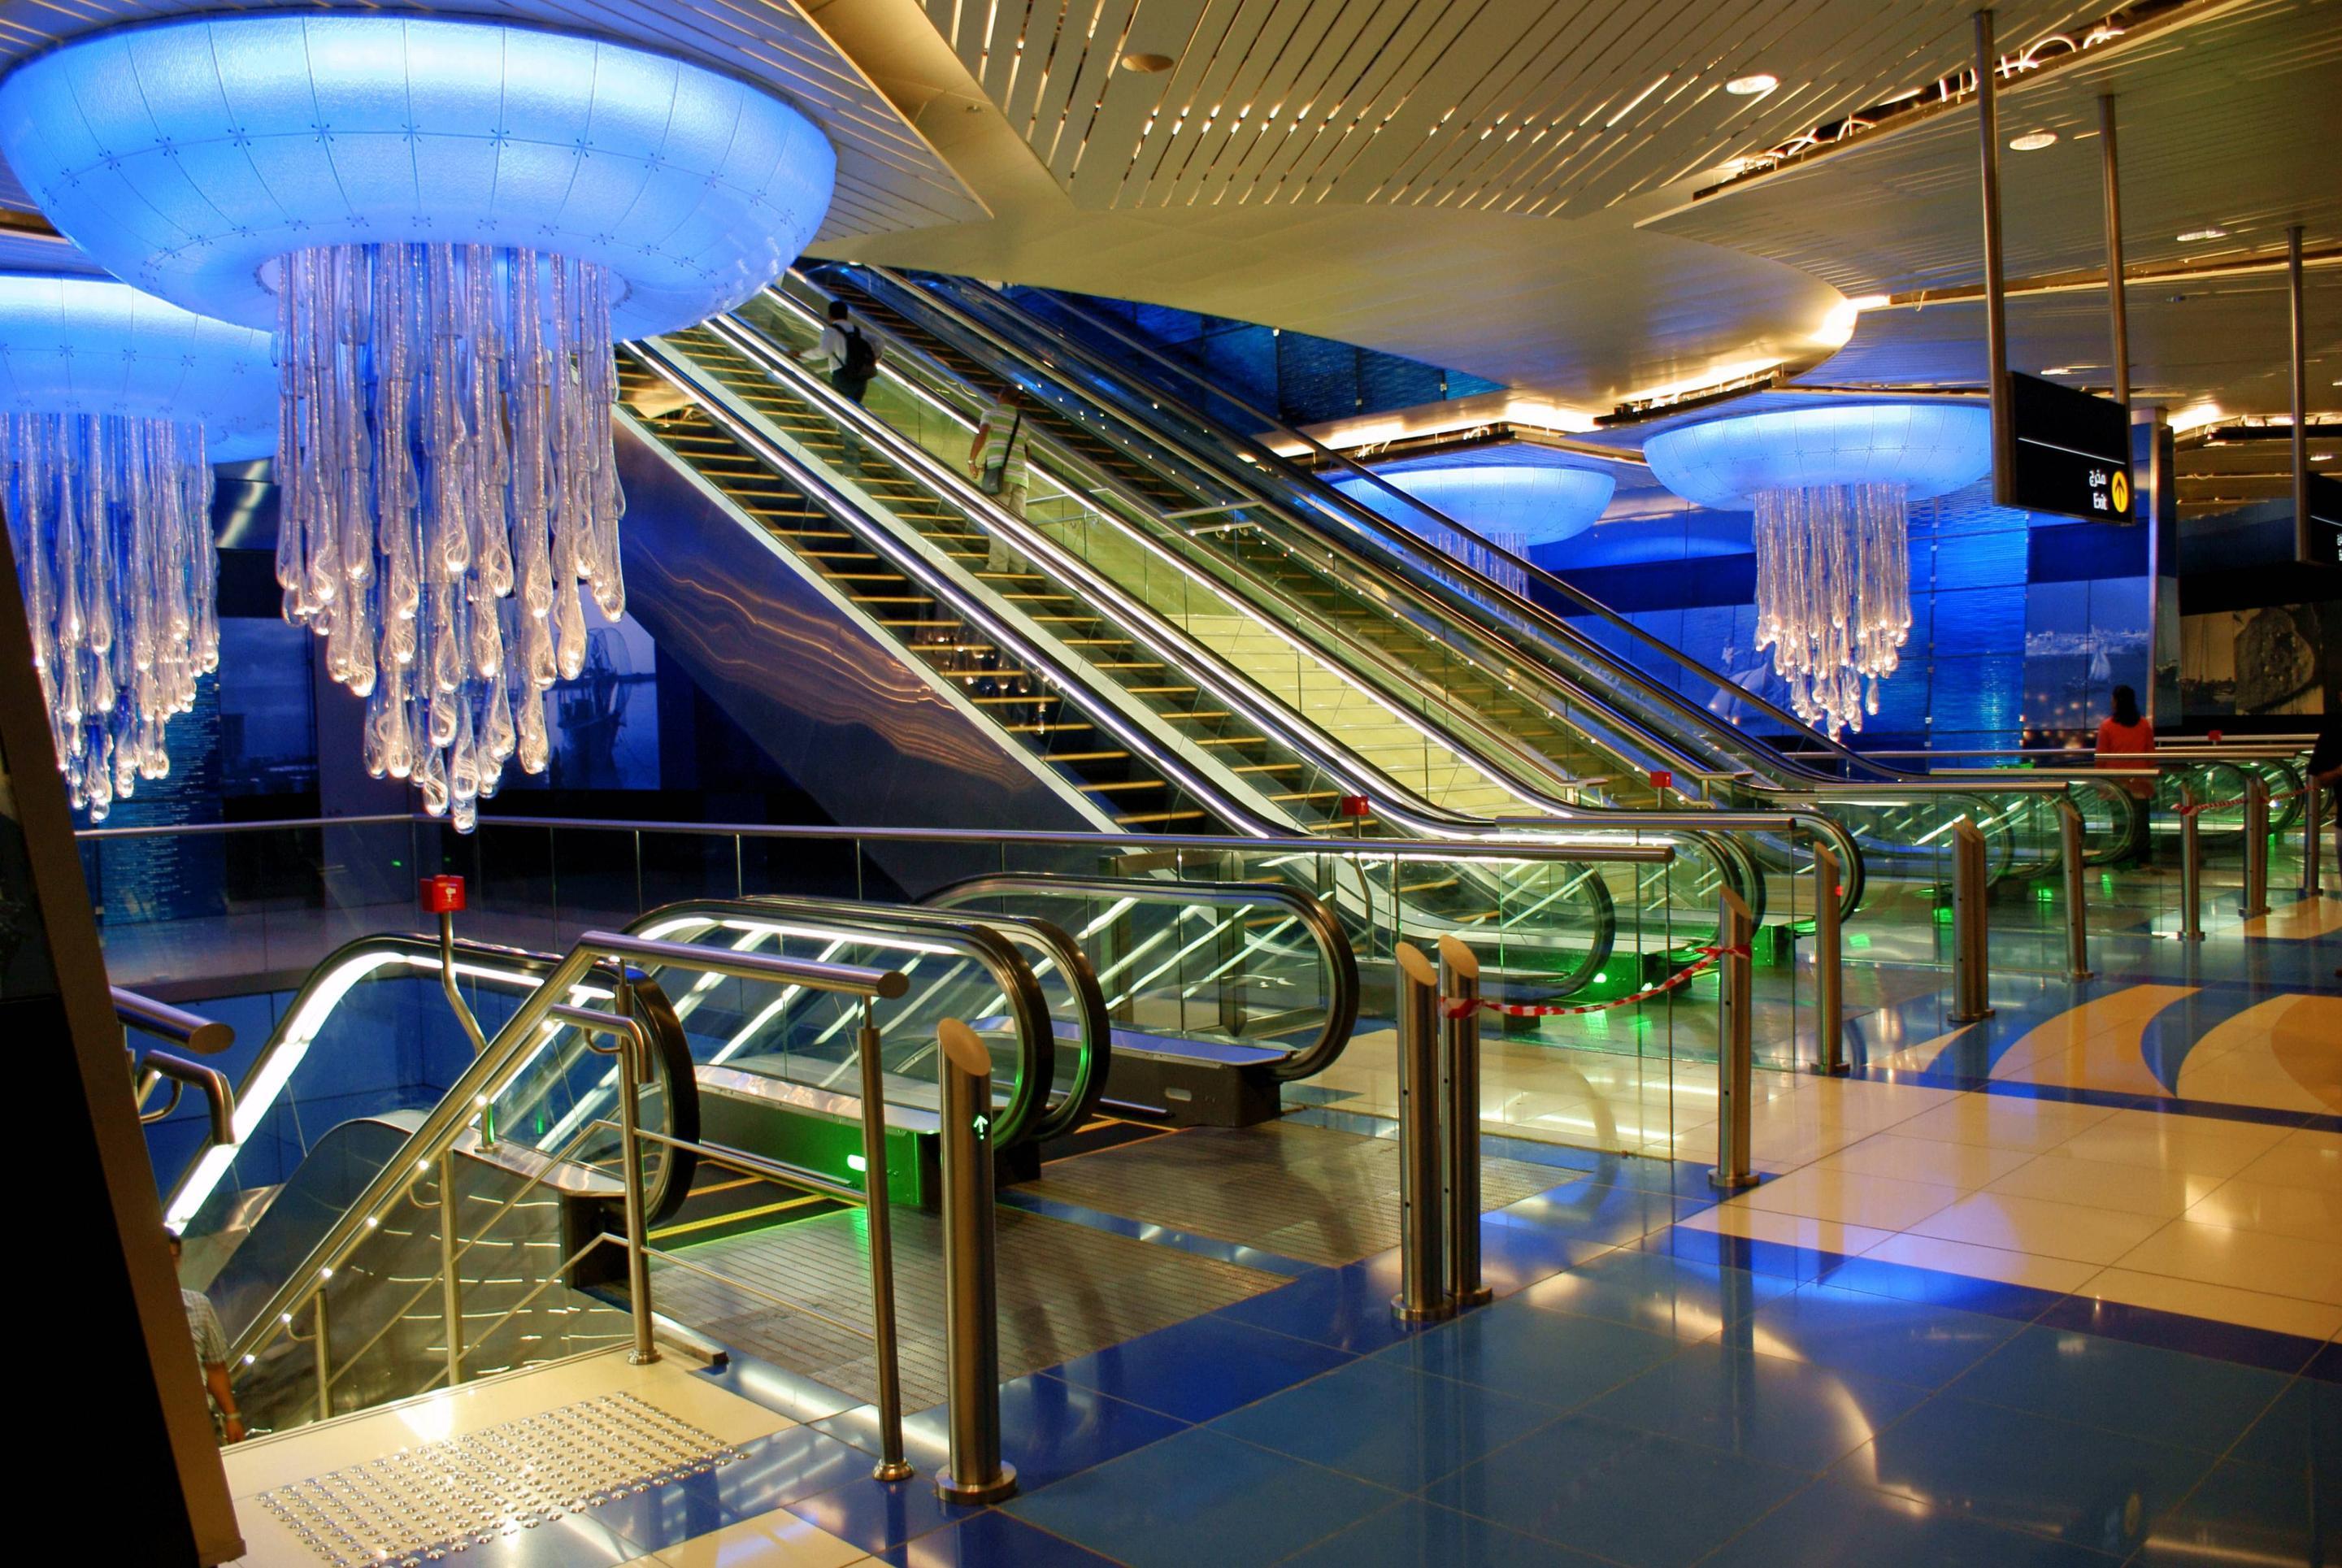 Estação Khalid Bin Al Waleed no Dubai, Emirados Árabes Unidos